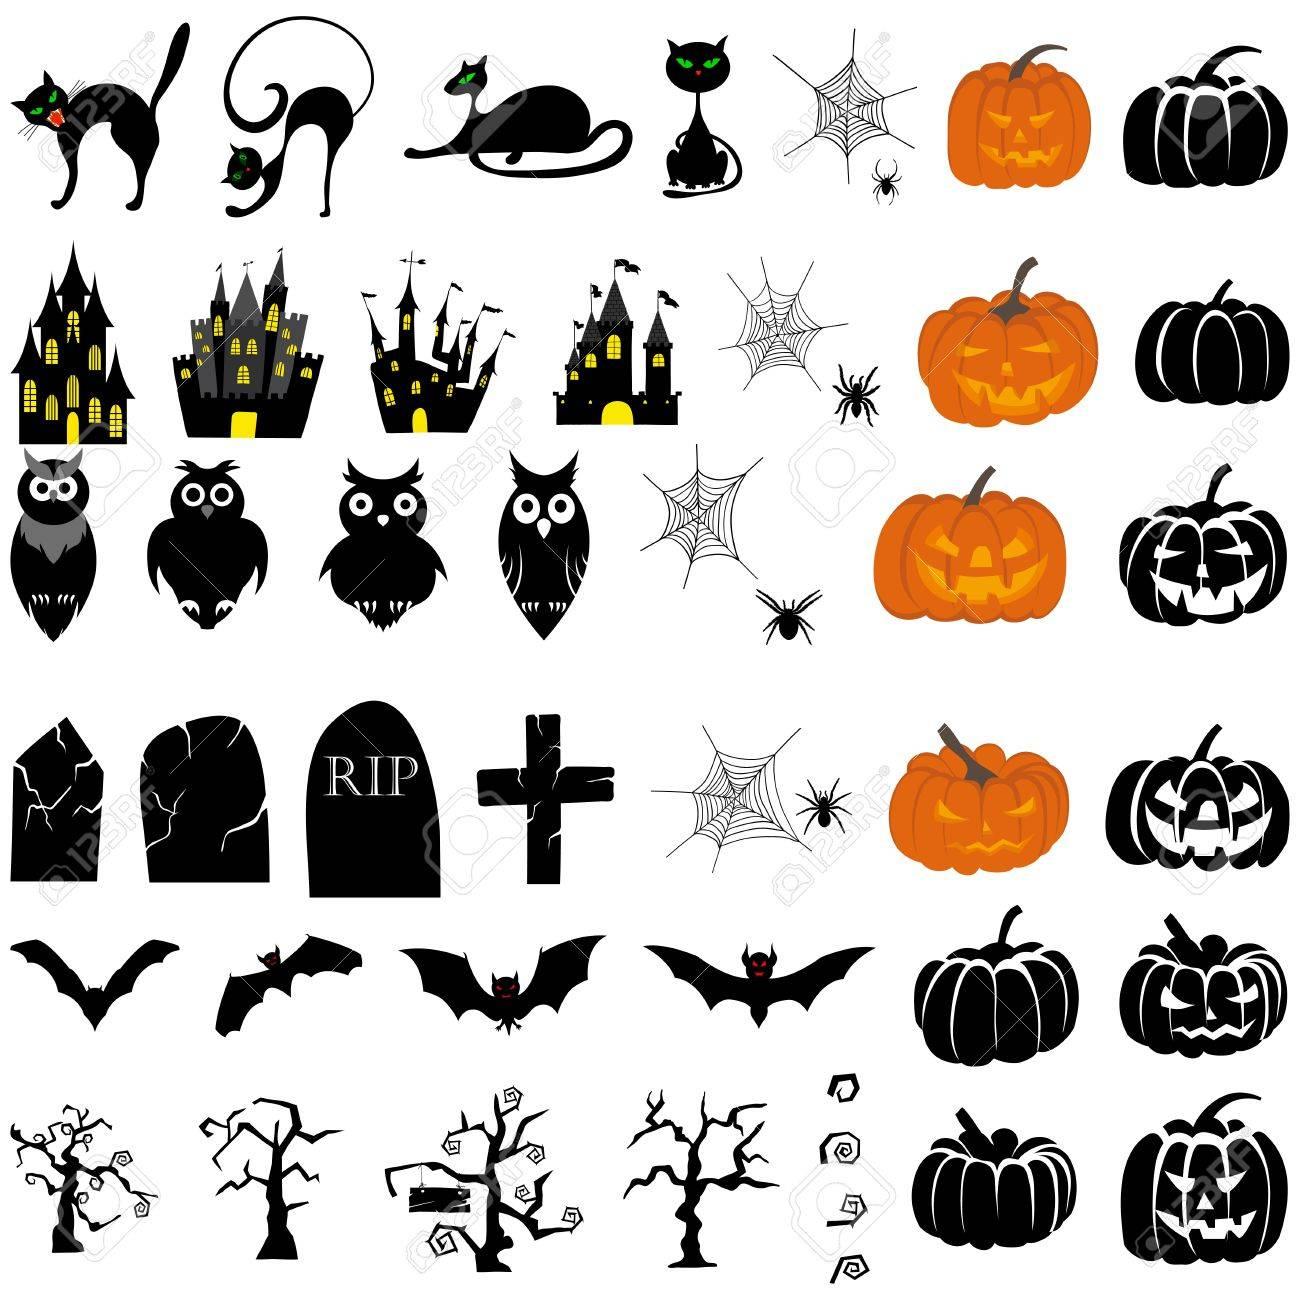 Happy Halloween theme icon set Stock Vector - 15548095